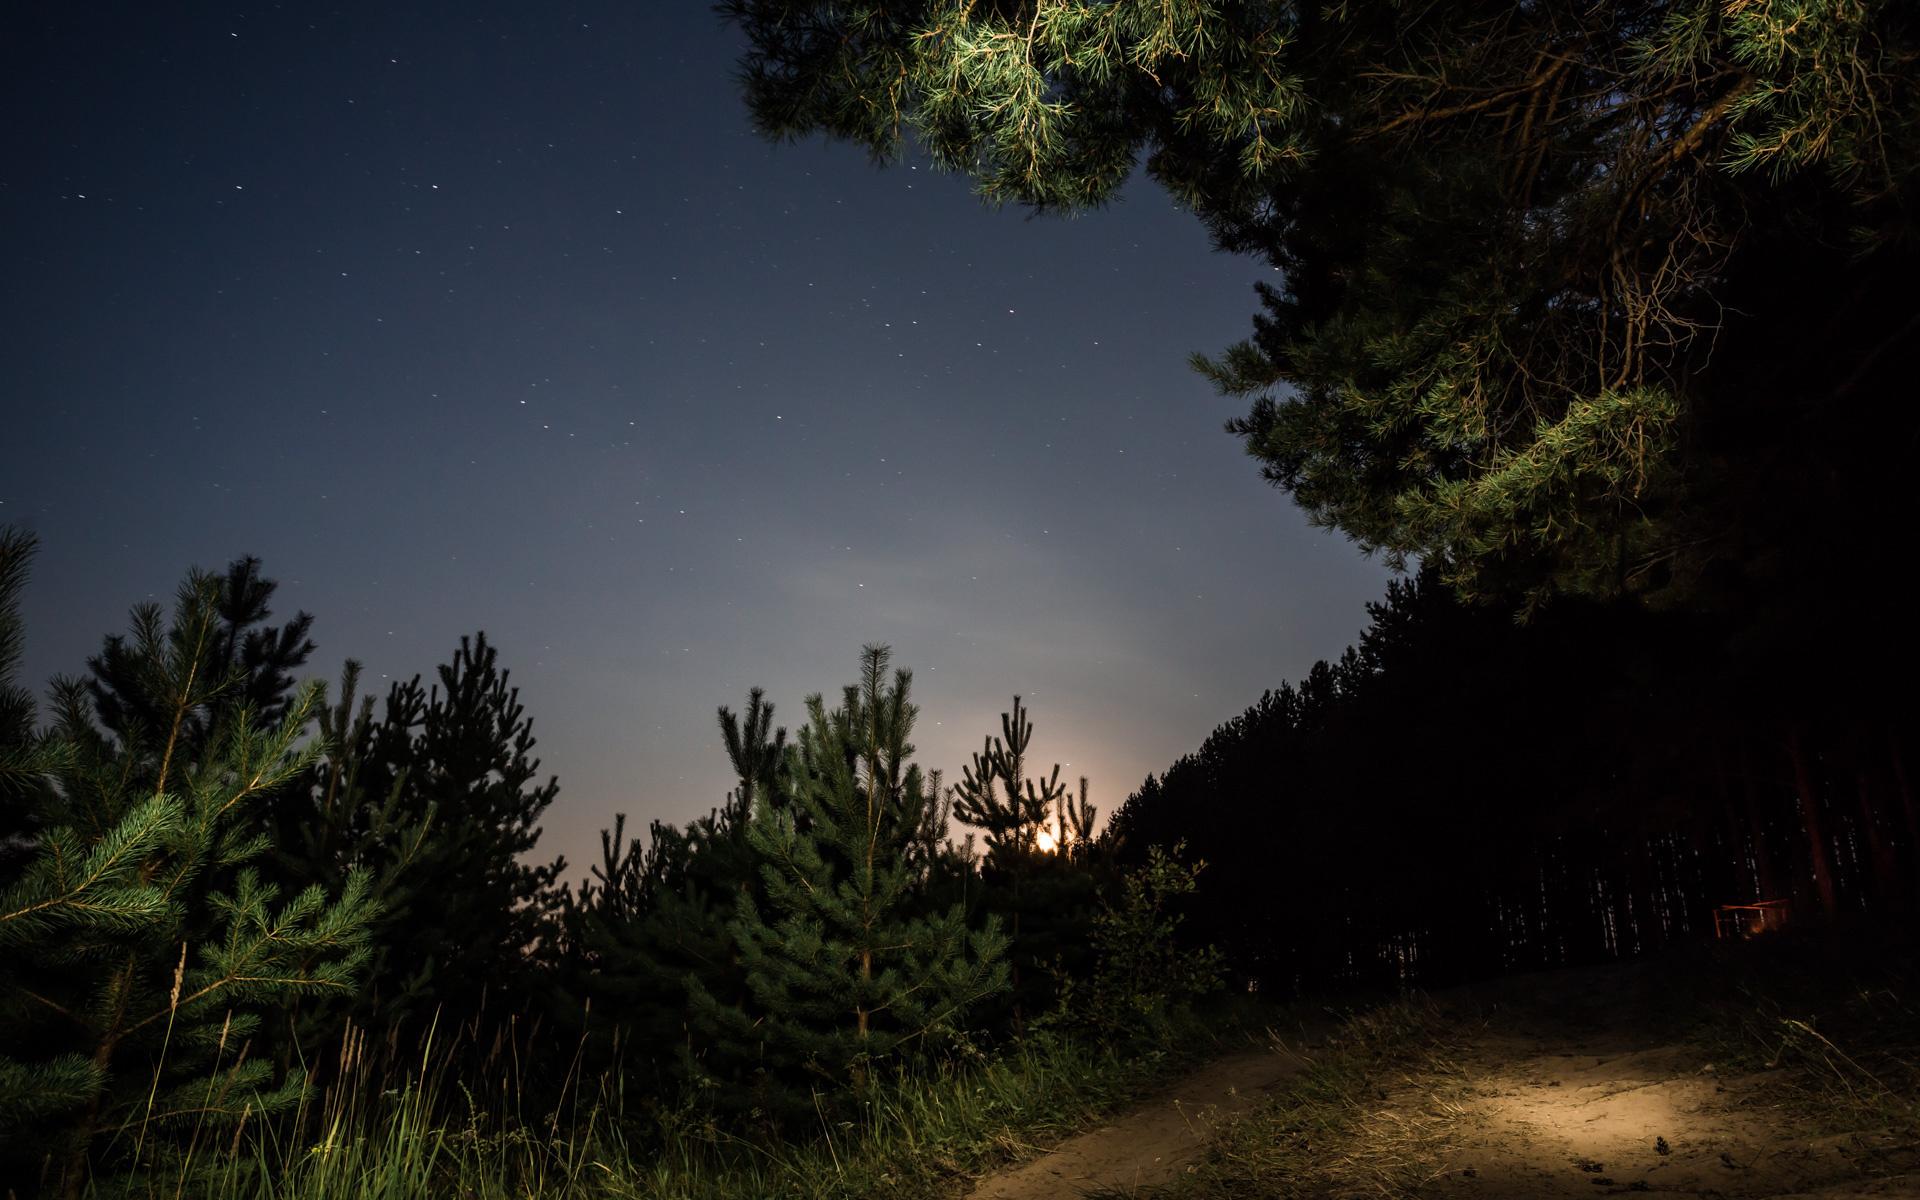 Картинки летняя ночь в лесу, жанры средства выражения